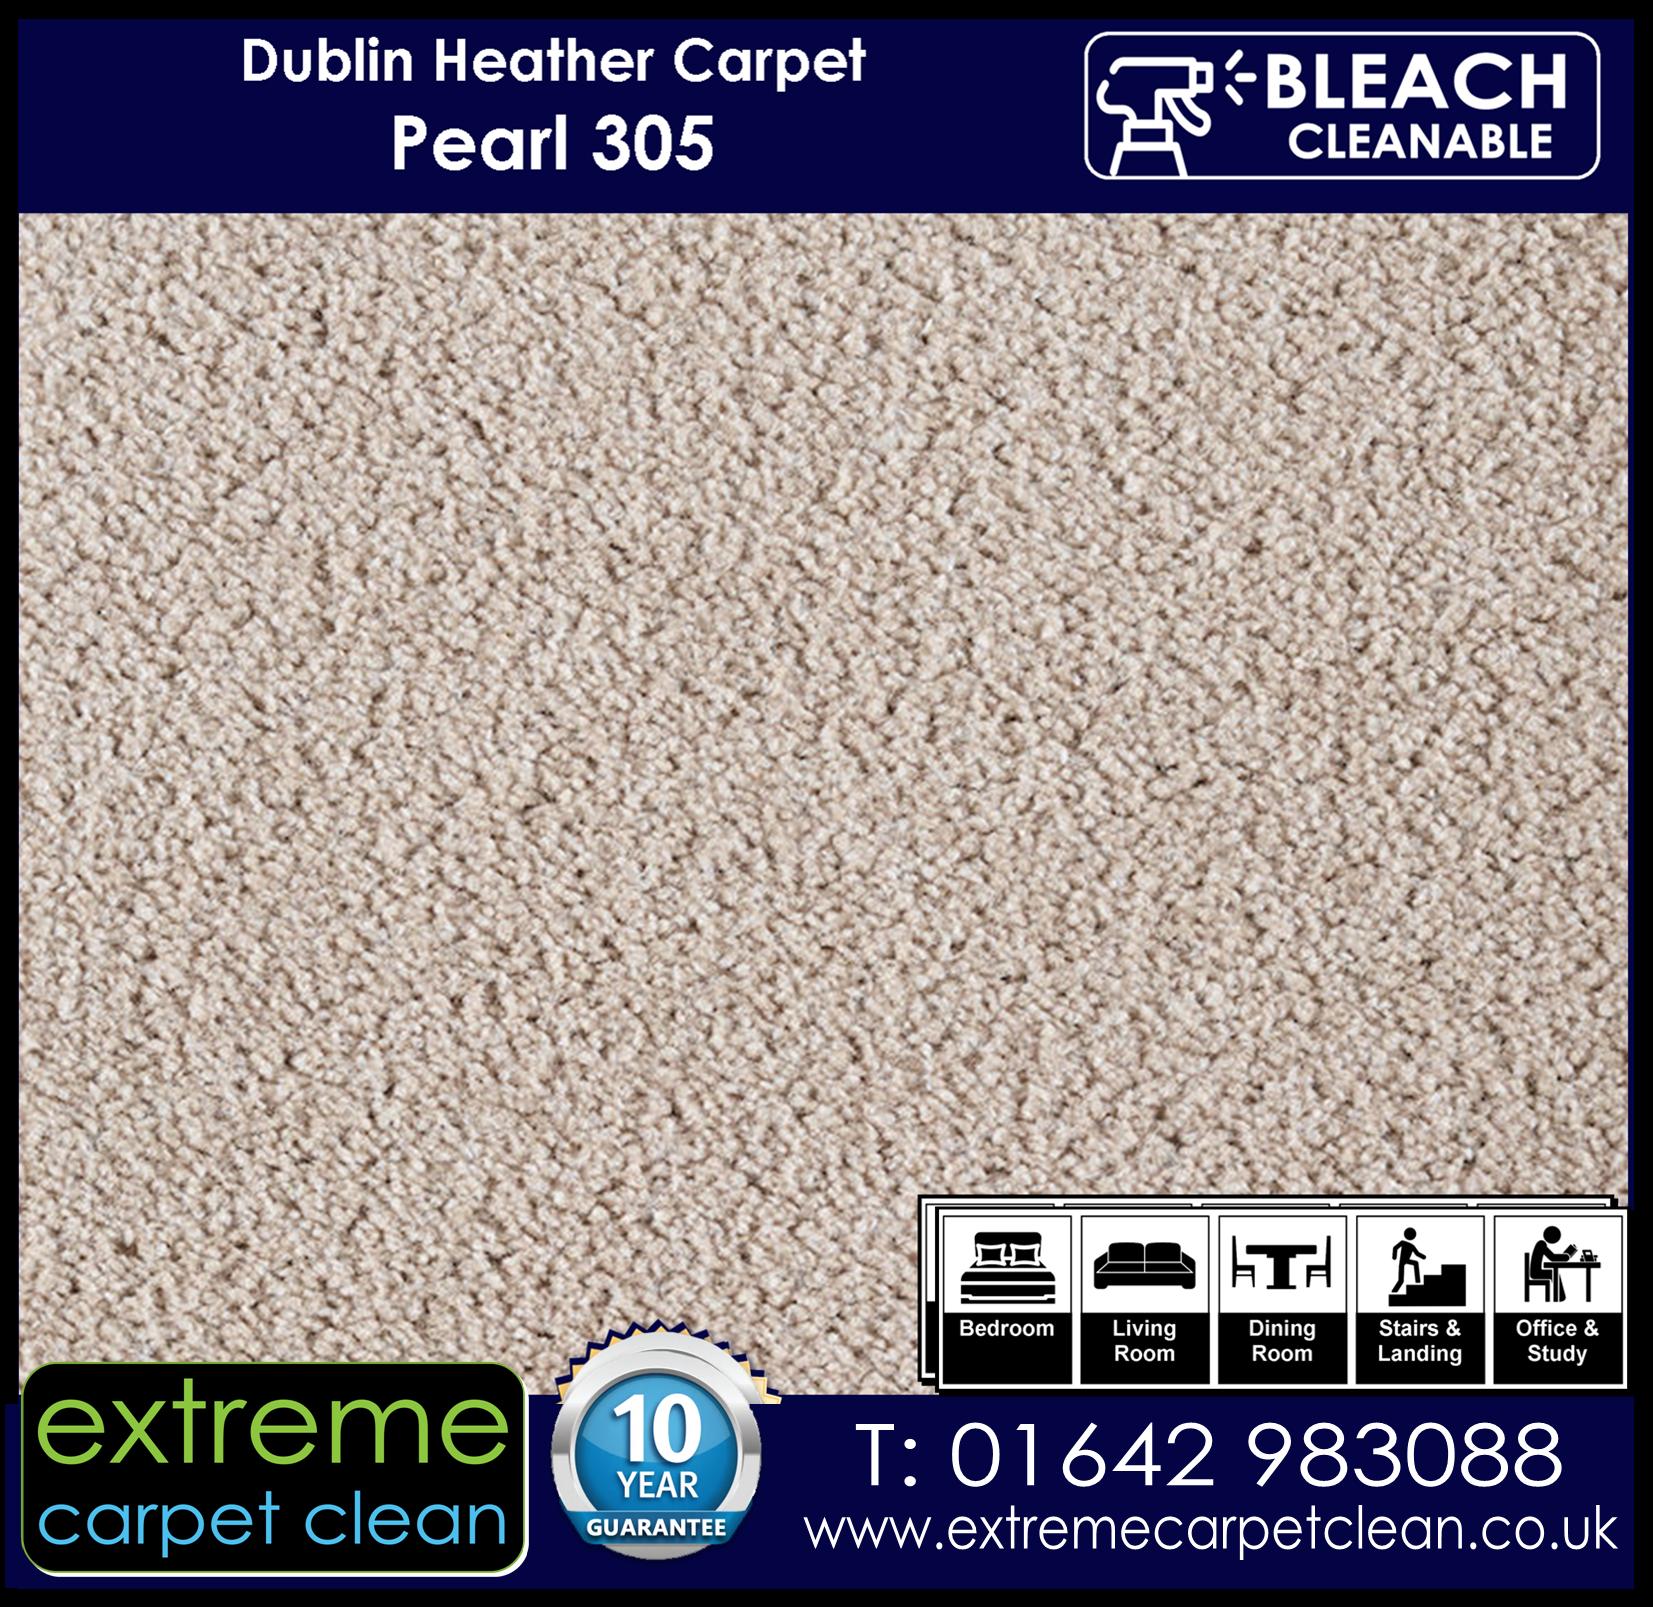 Dublin Heather Carpet. Pearl 305 Extreme Carpet Clean